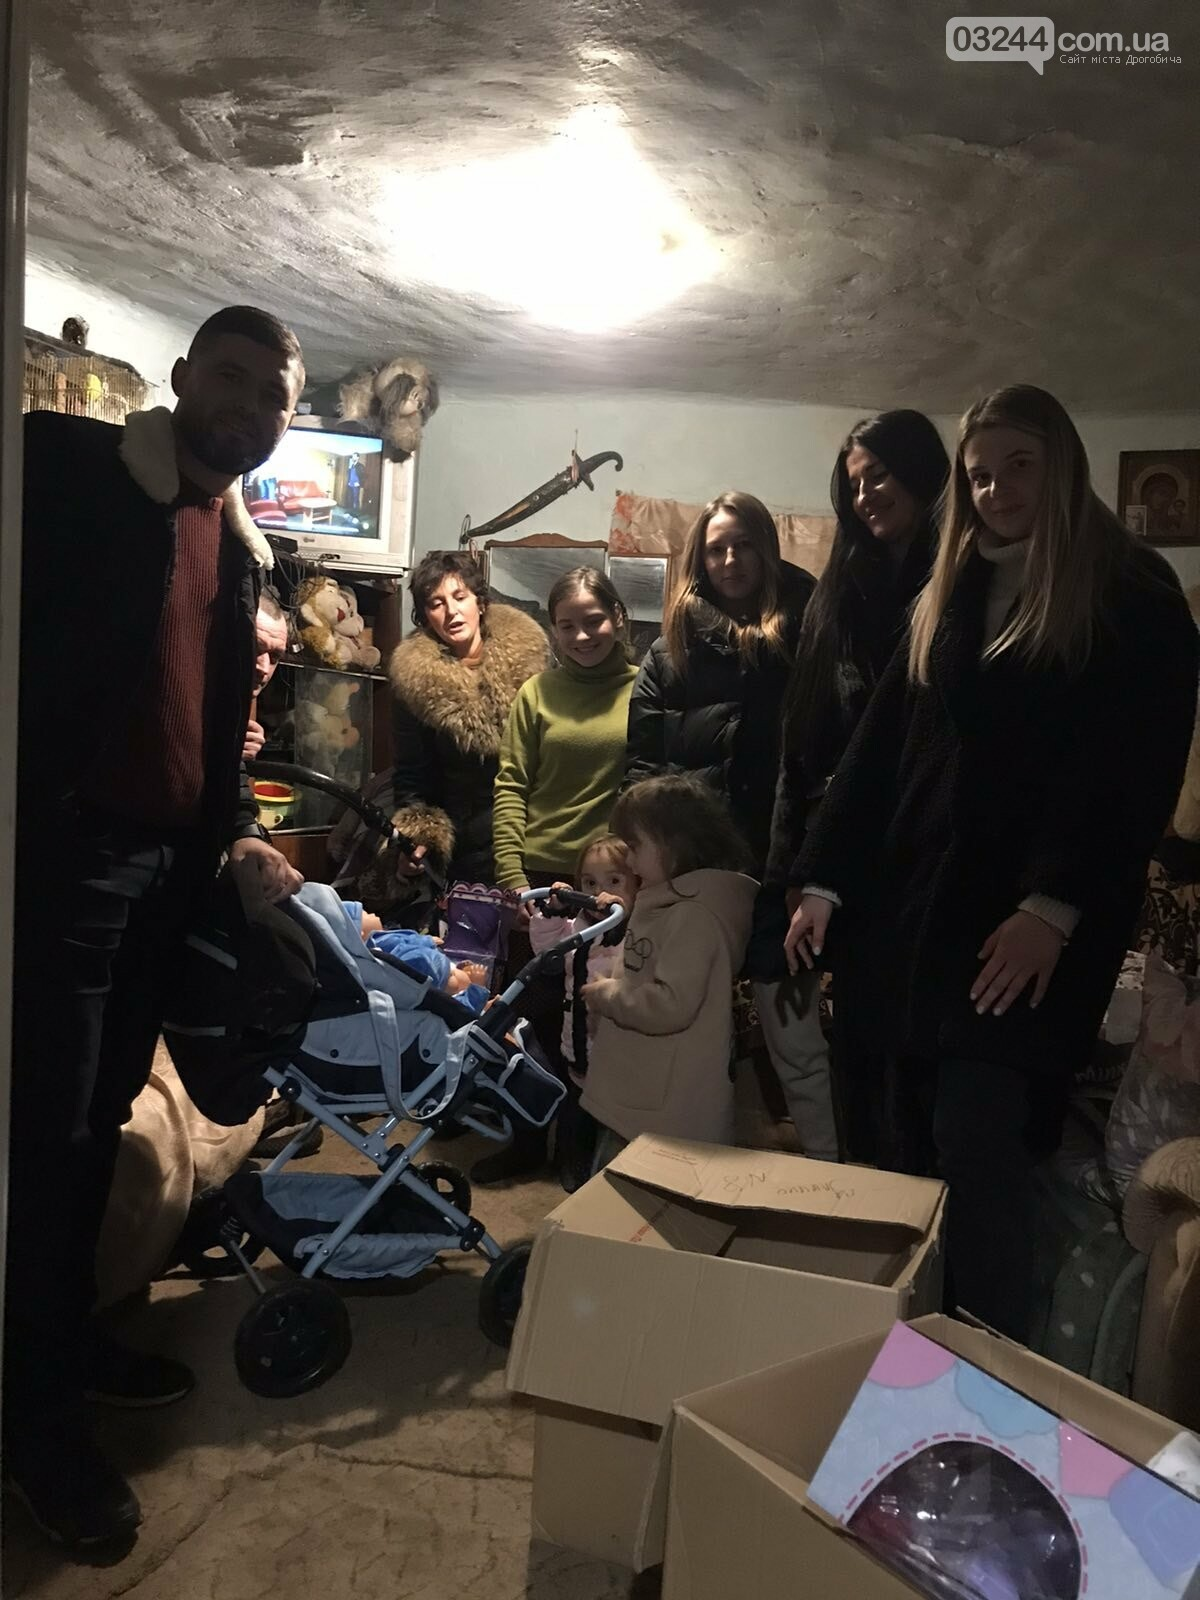 «Є сім'ї, які потребують не дорогих телефонів, а їжі та одягу», - Катя Максимова про благочинну акцію для потребуючих родин, фото-11